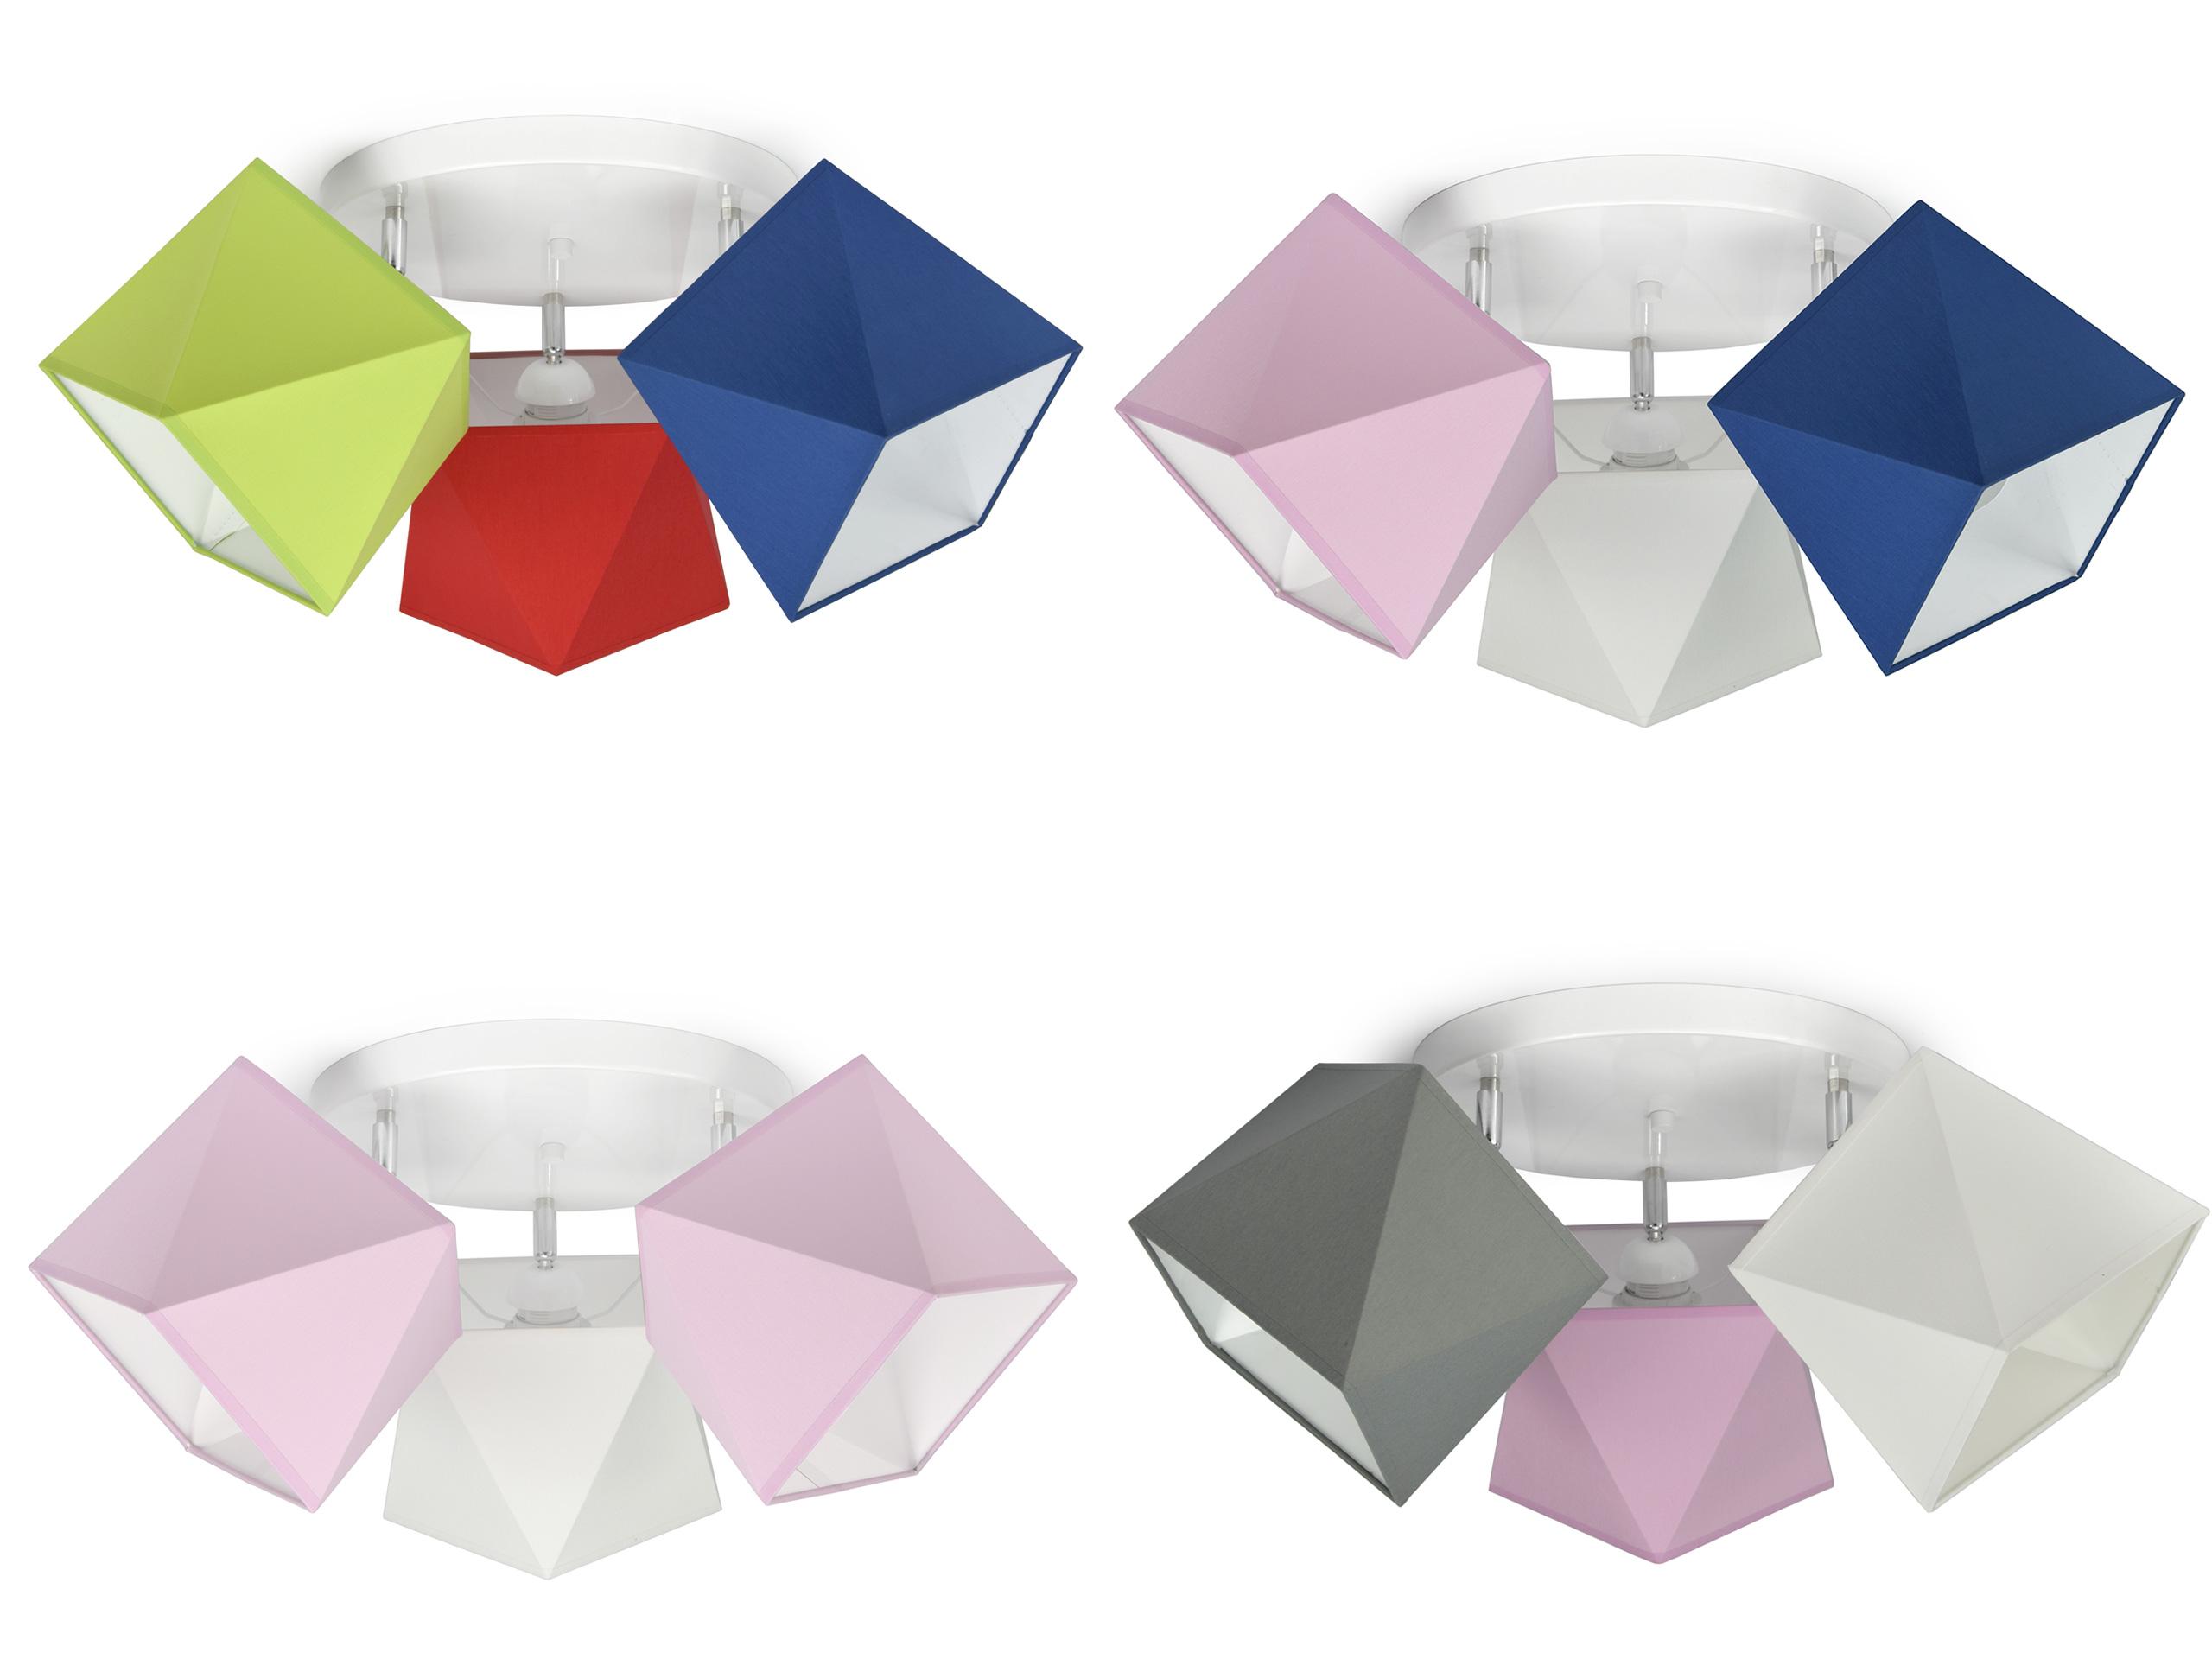 Lampada Origami Istruzioni : Paralume origami istruzioni per gli hobbisti